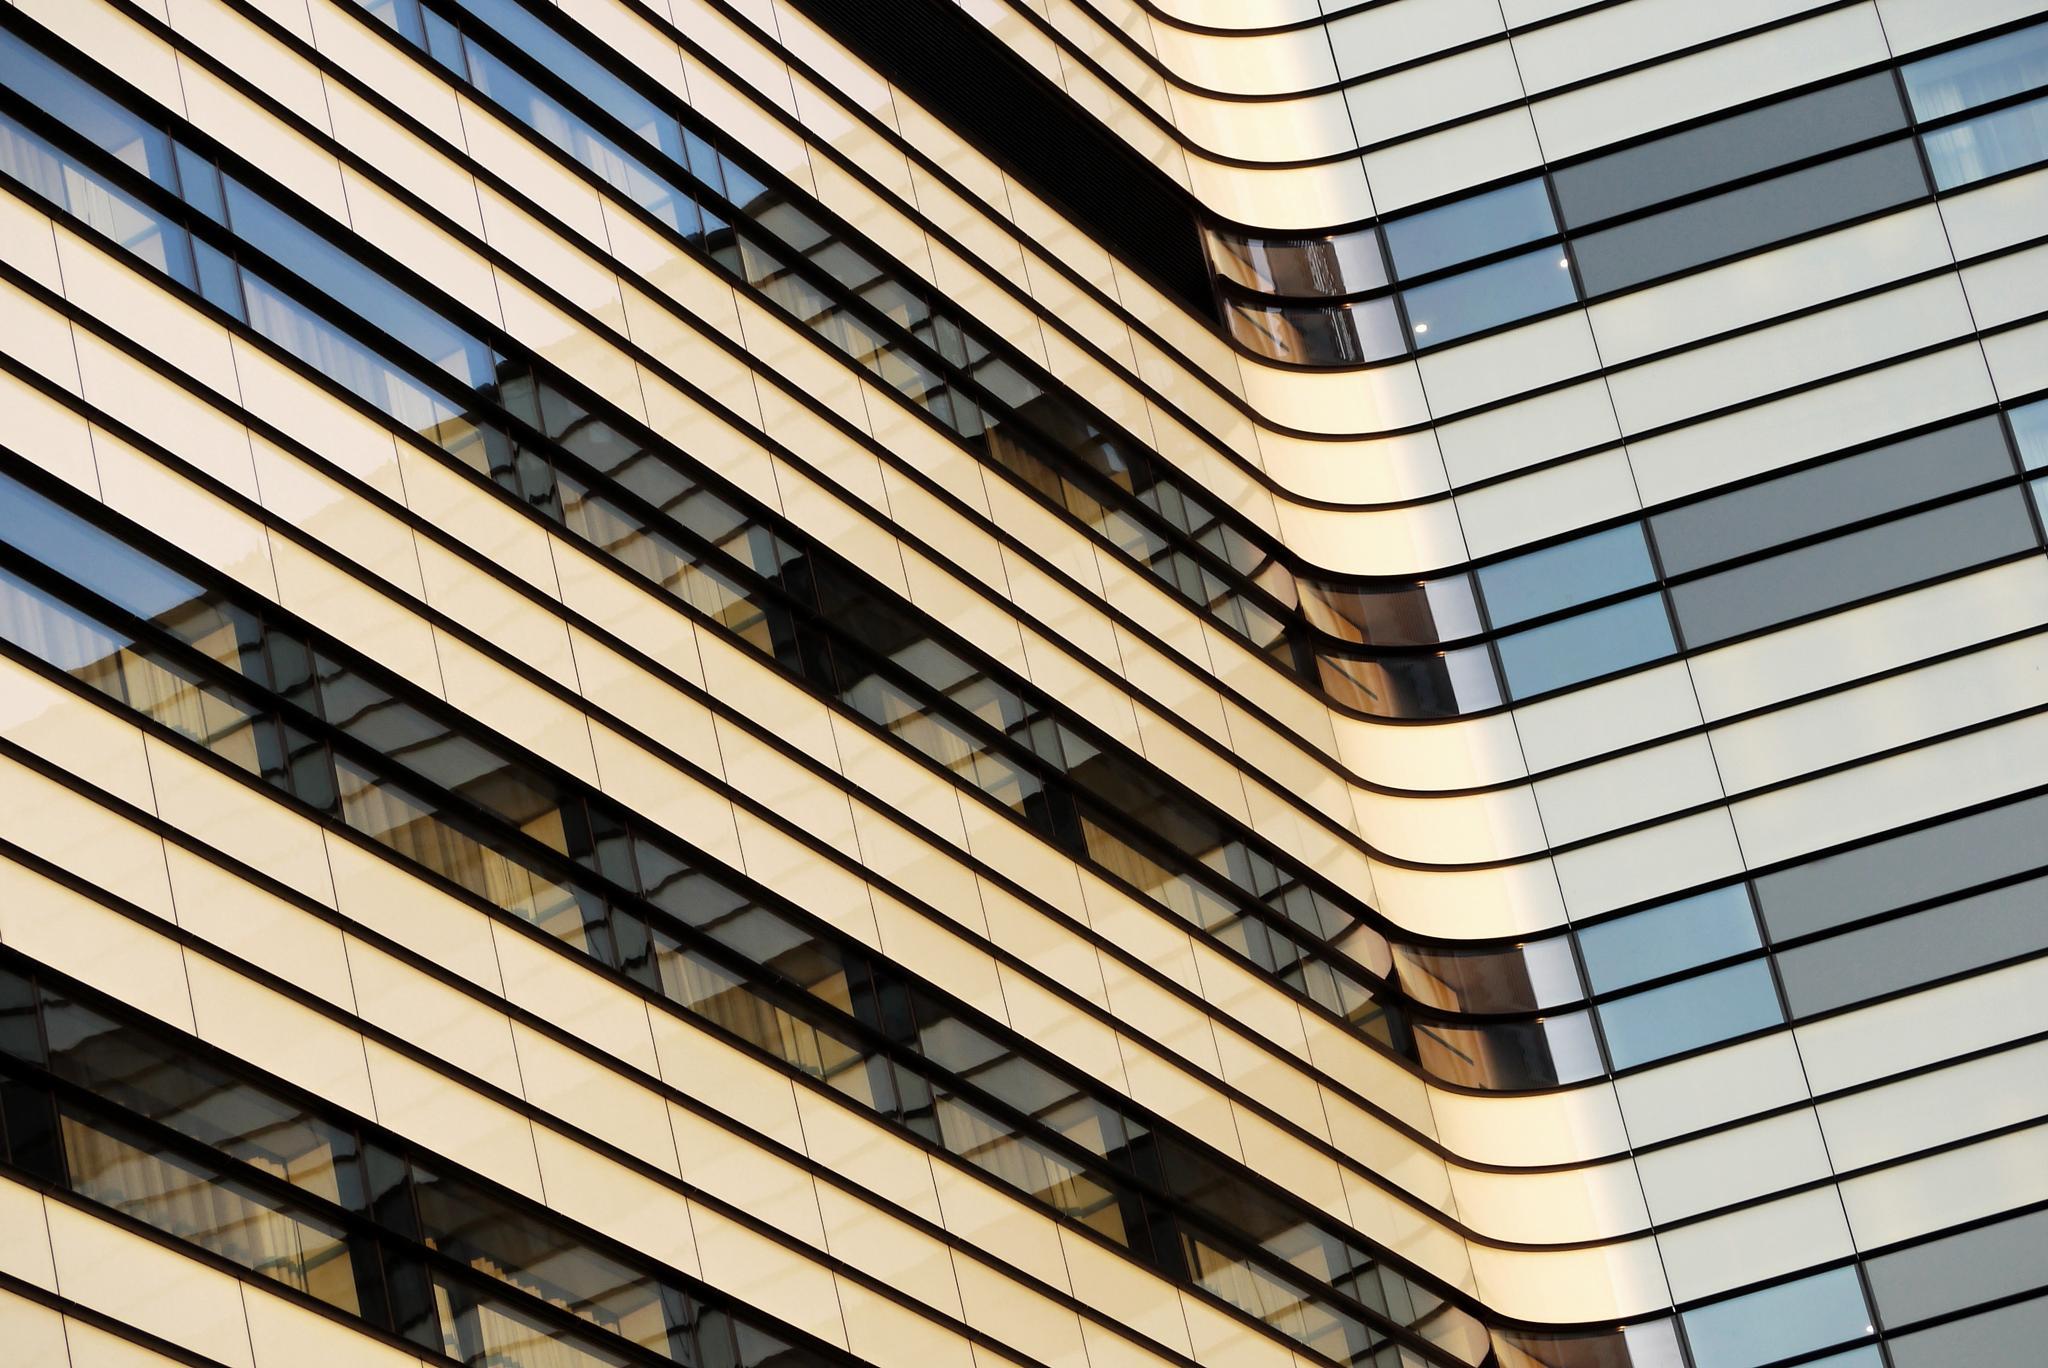 géométrie urbaine .. 10 by ewa_no